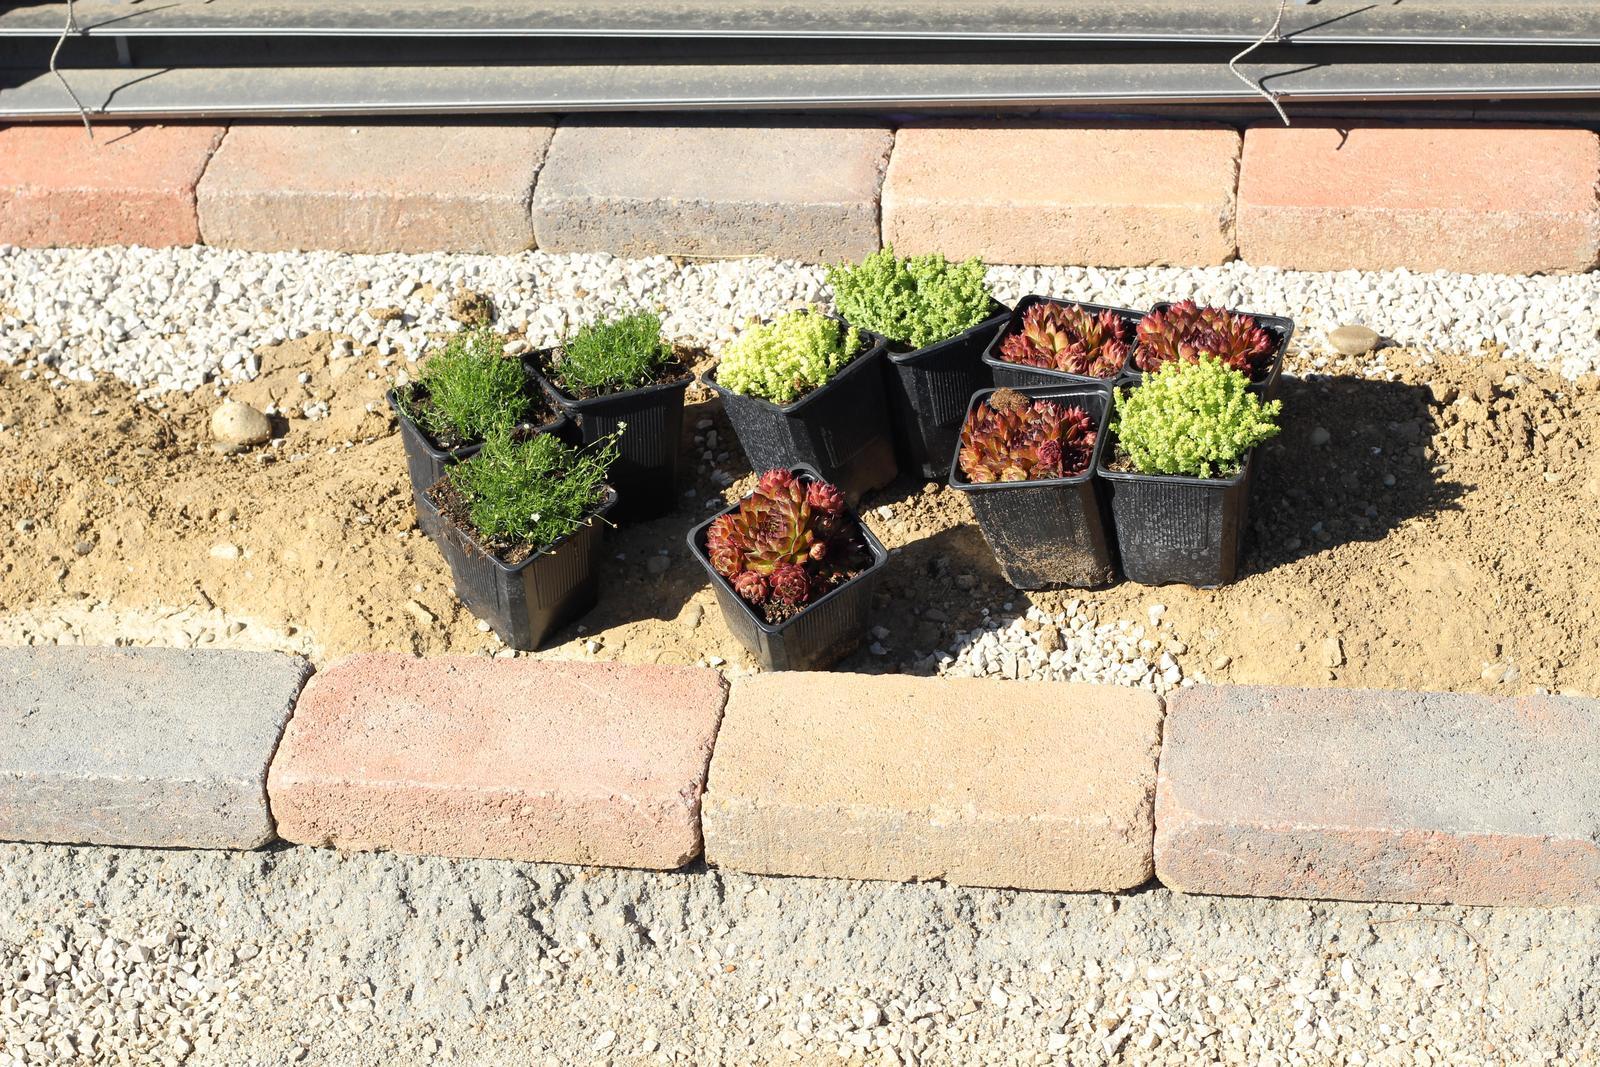 Exteriér - záhrada - Skalničky pred okno, krásne vyfarbené :-)